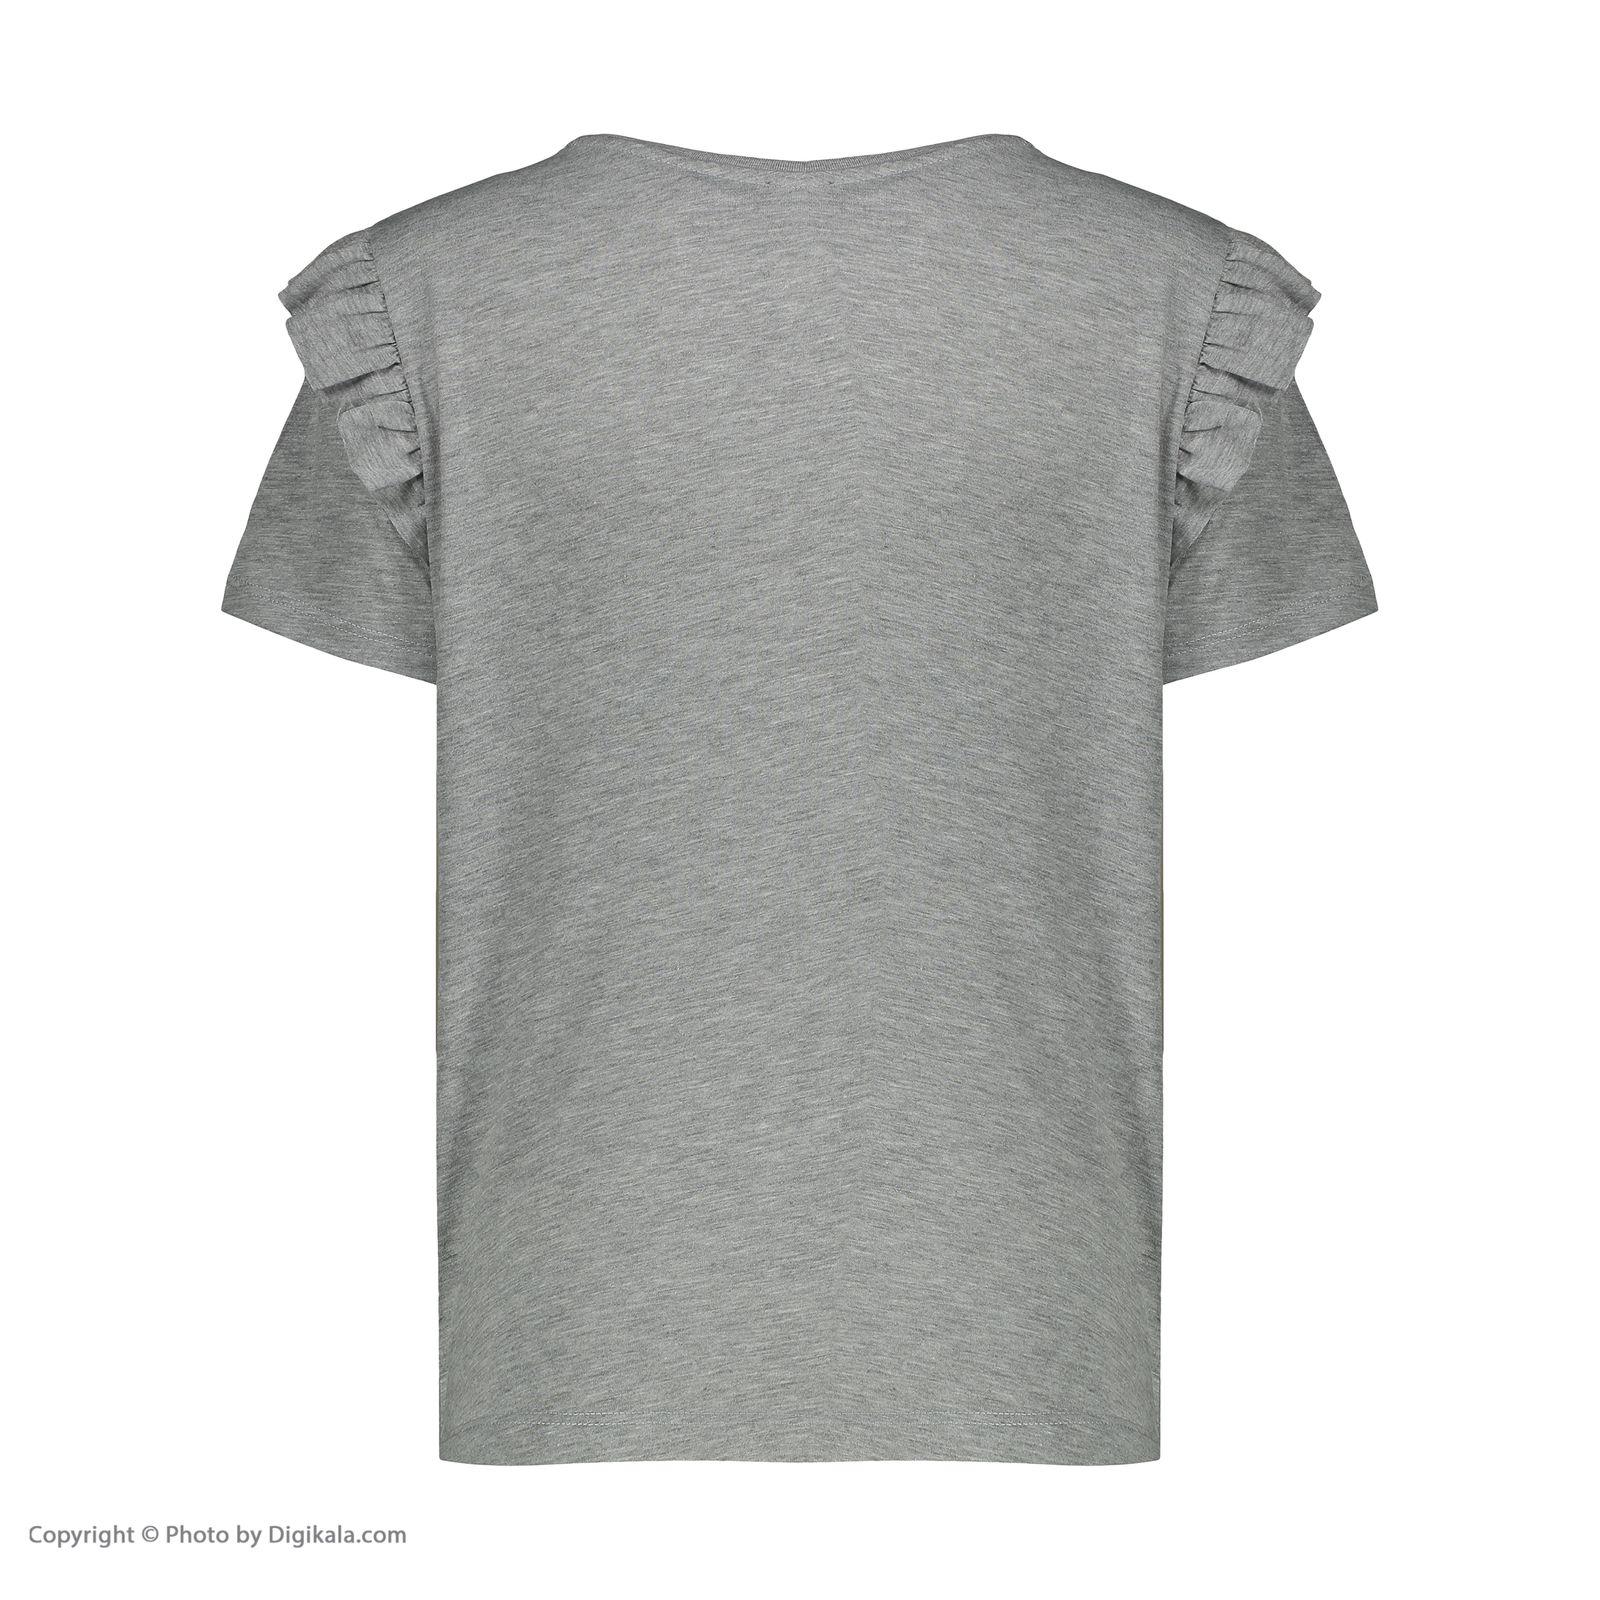 تی شرت زنانه کالینز مدل CL1031960-GREYMELANGE main 1 3